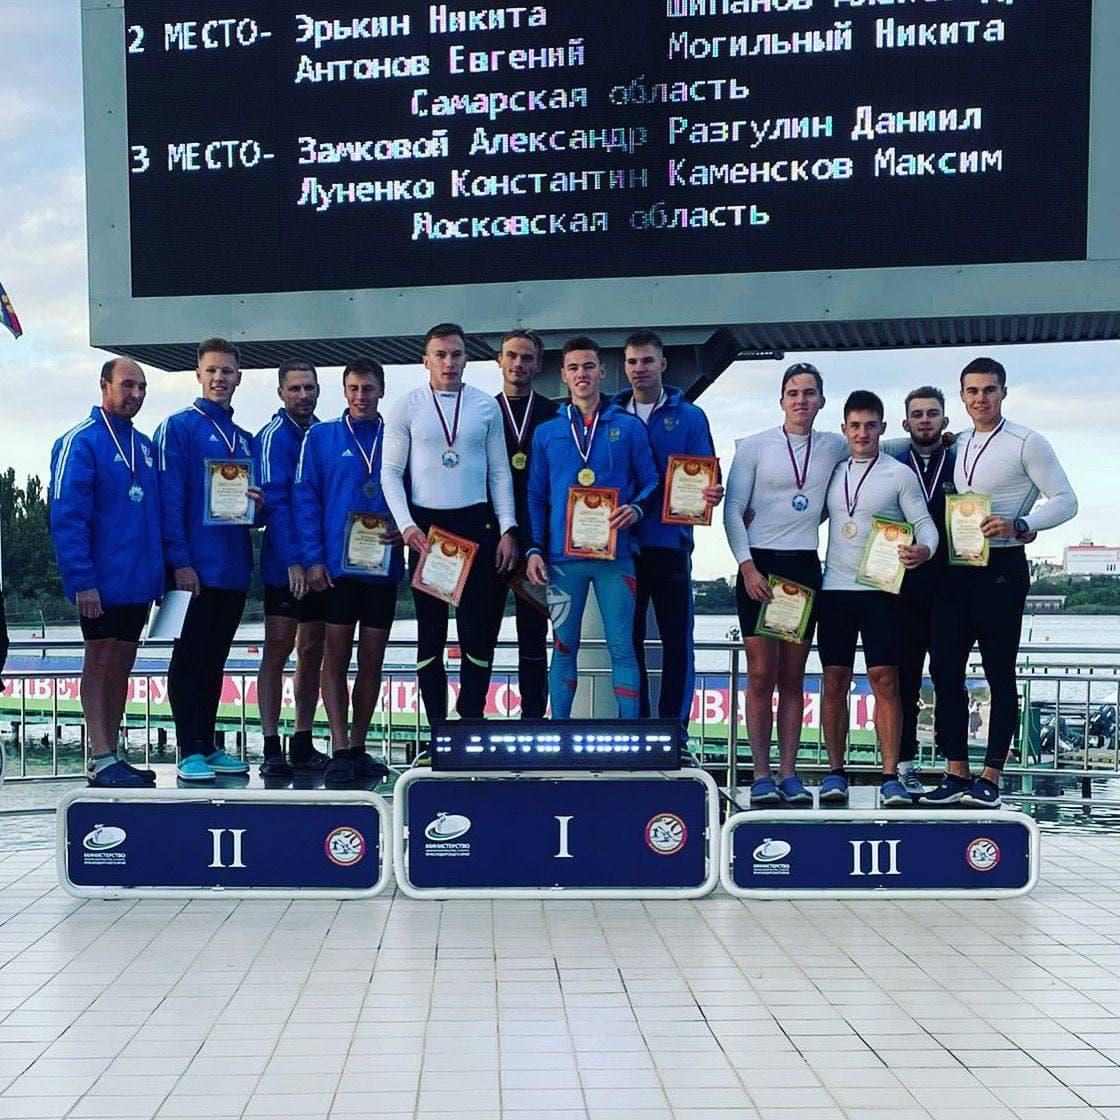 Подмосковные спортсмены завоевали золотые и бронзовые медали на Всероссийских соревнованиях по гребл...